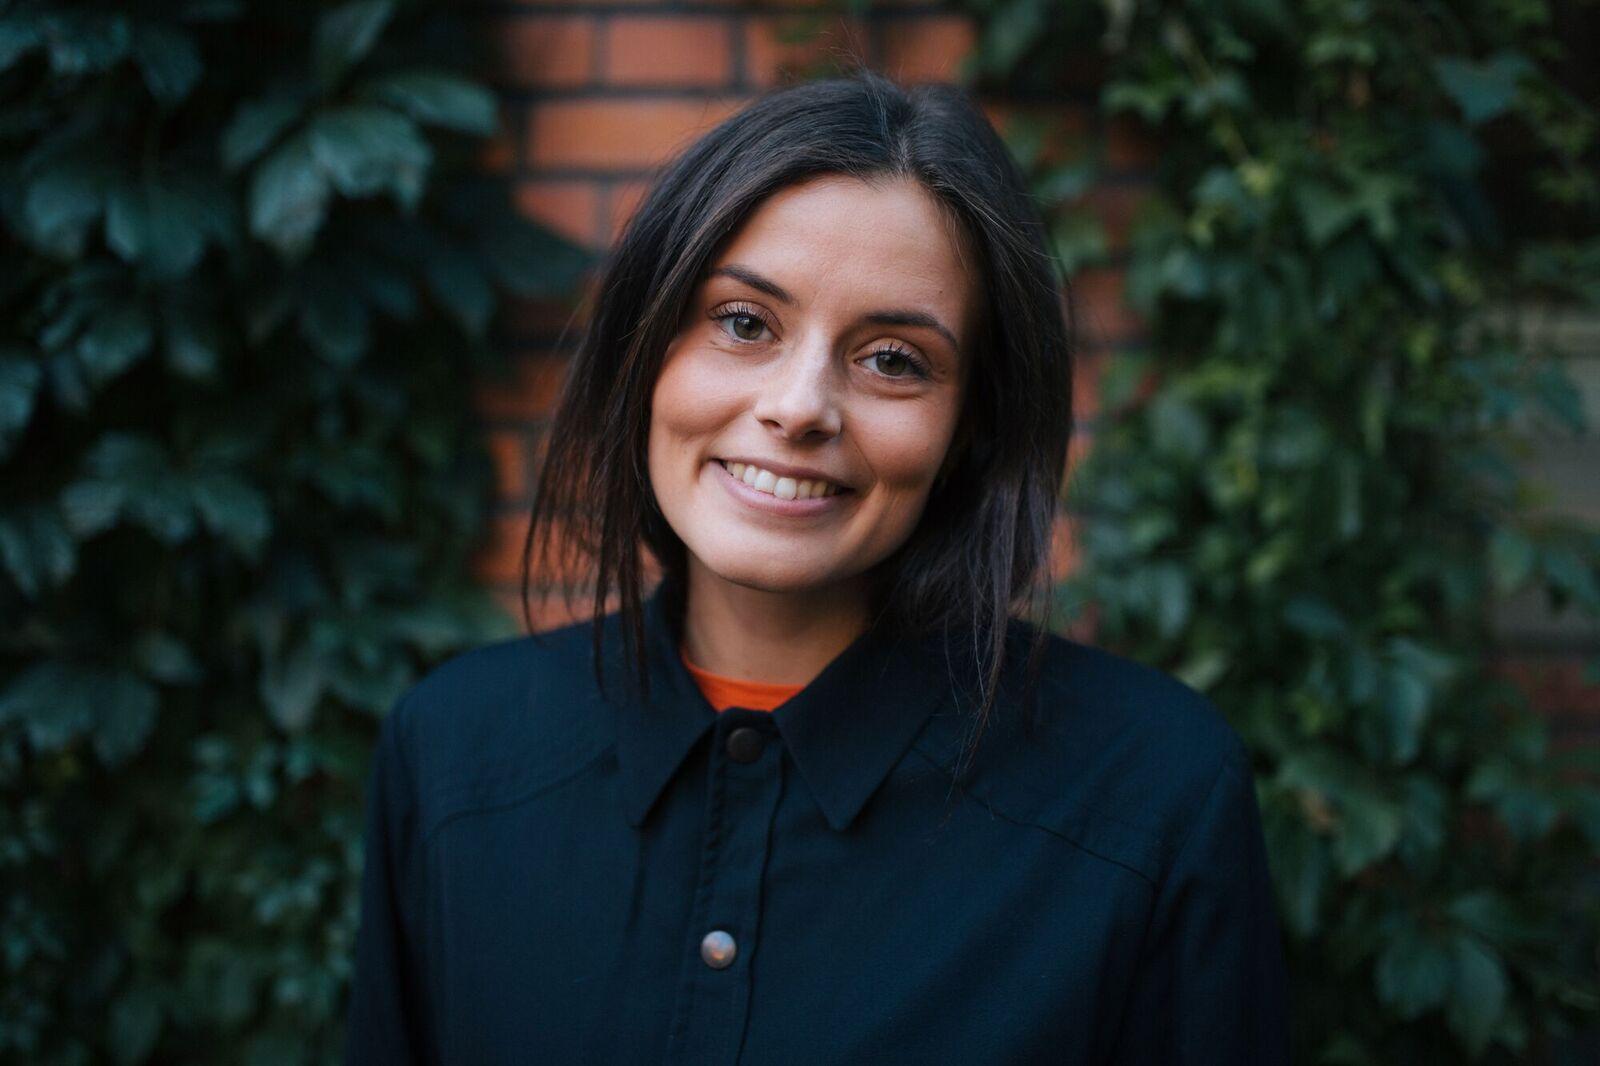 Frida Rådlund